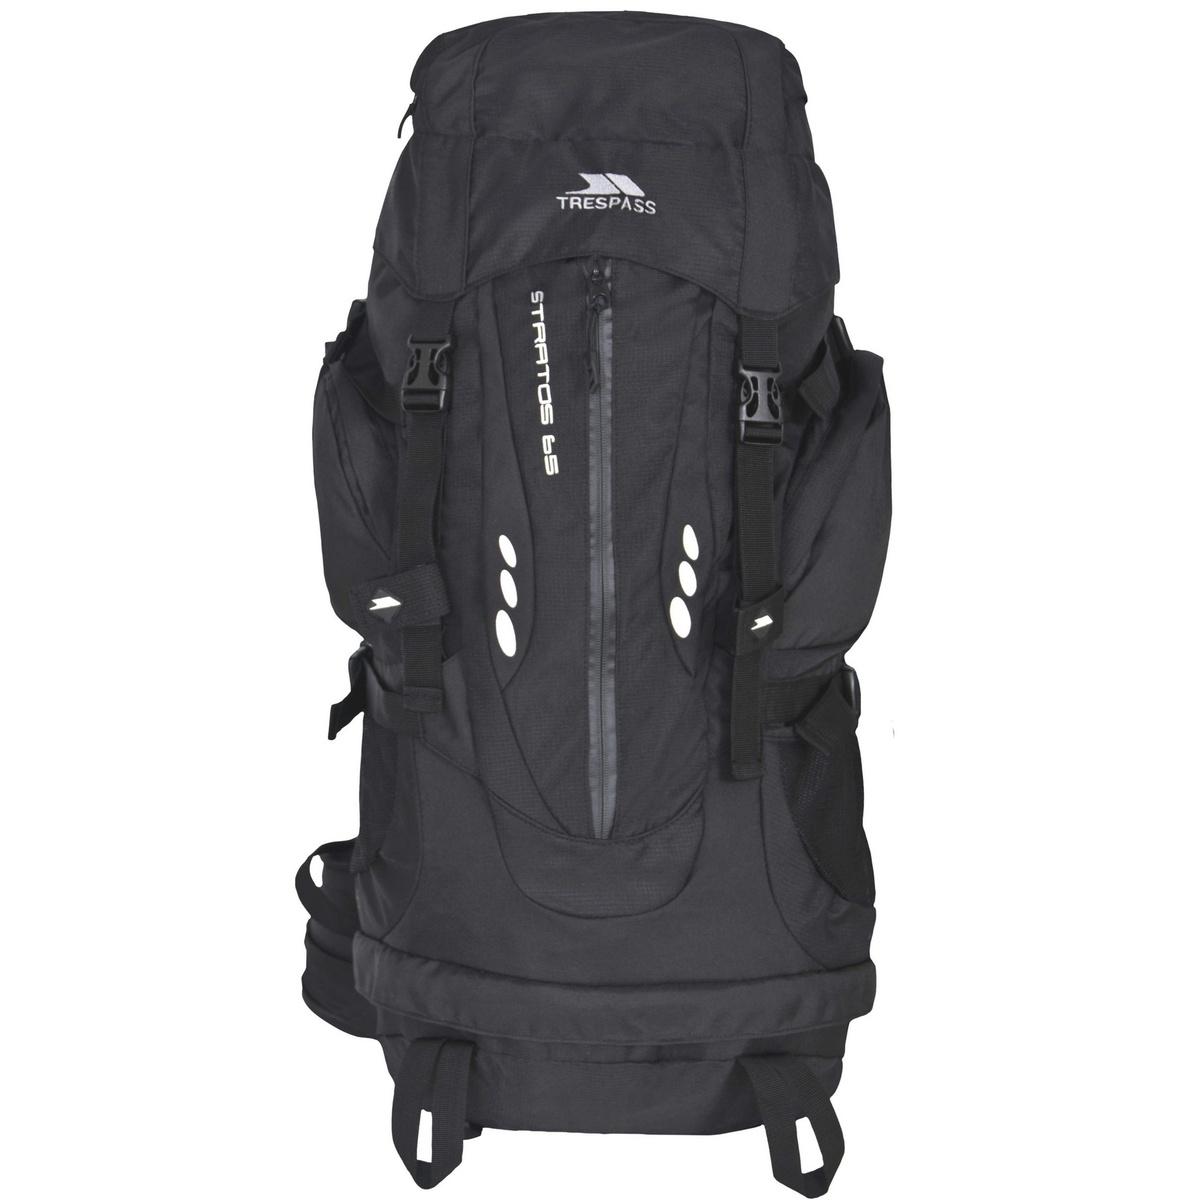 (トレスパス) Trespass ストラトス ハイキング バックパック リュックサック アウトドア スポーツ かばん バッグ 65リットル 【海外直送】